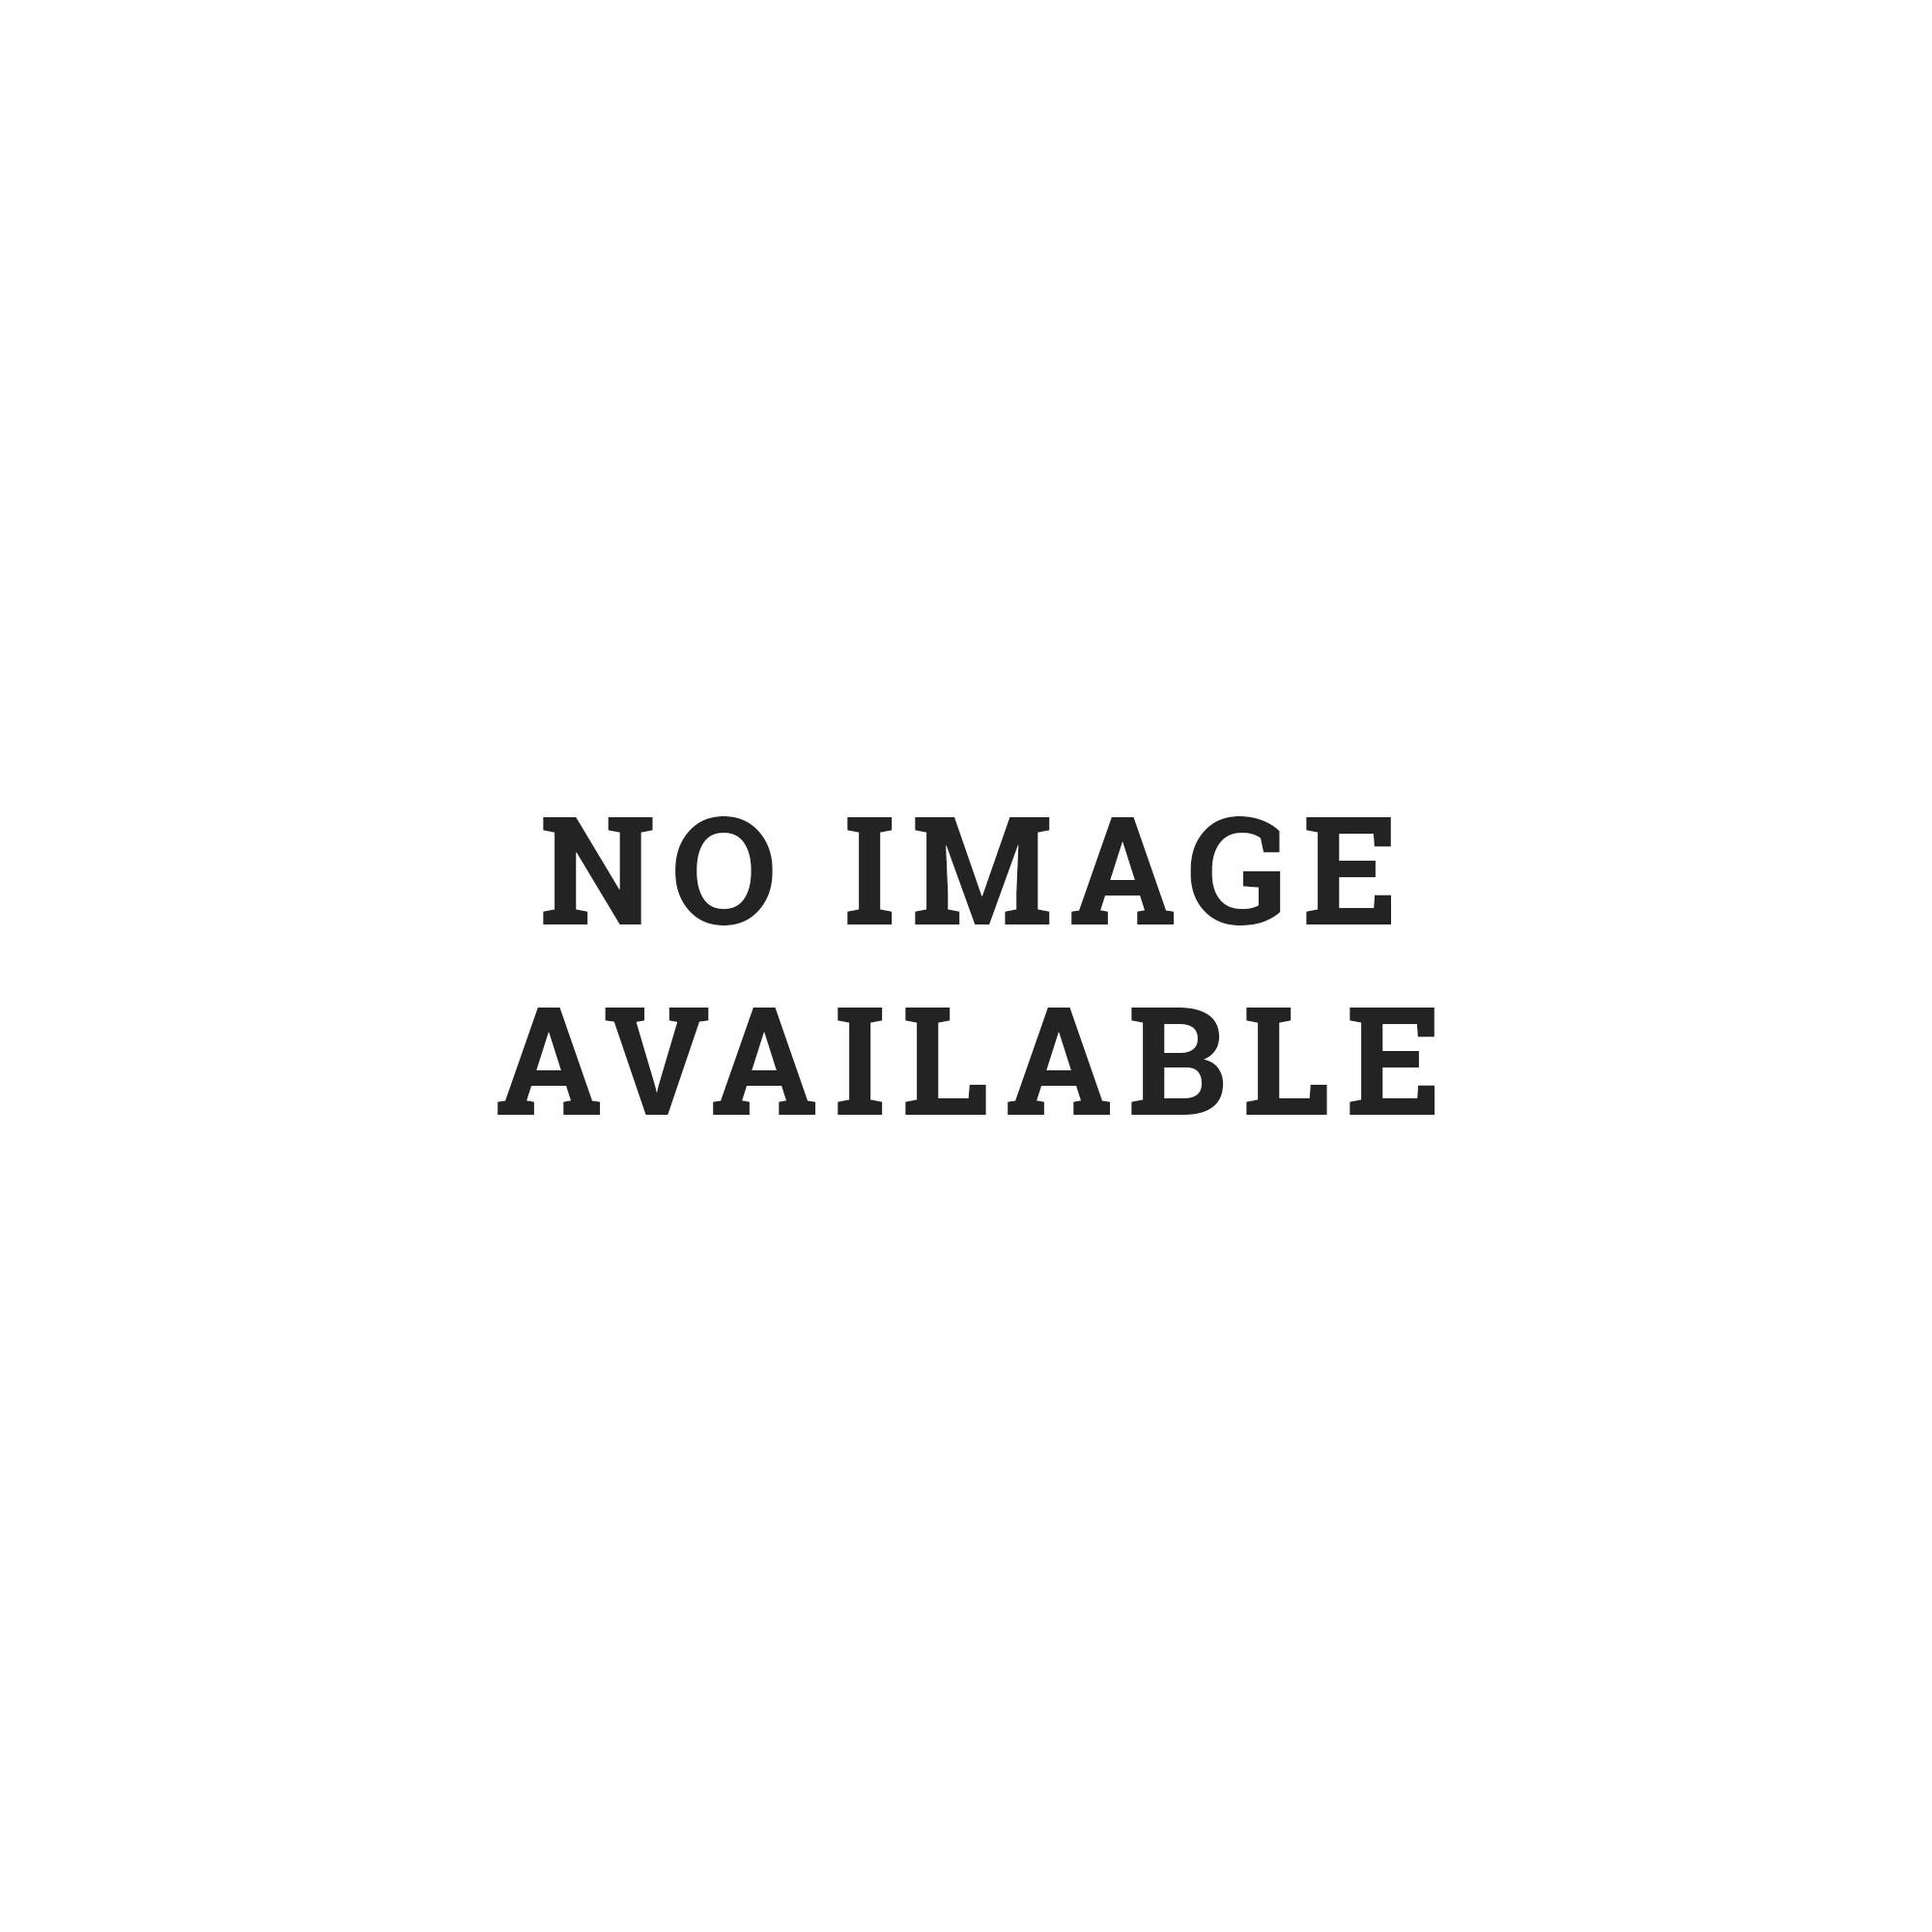 Suede Black Strap Womens Z Dr Balfour Sandals Martens 3jqRSc5AL4